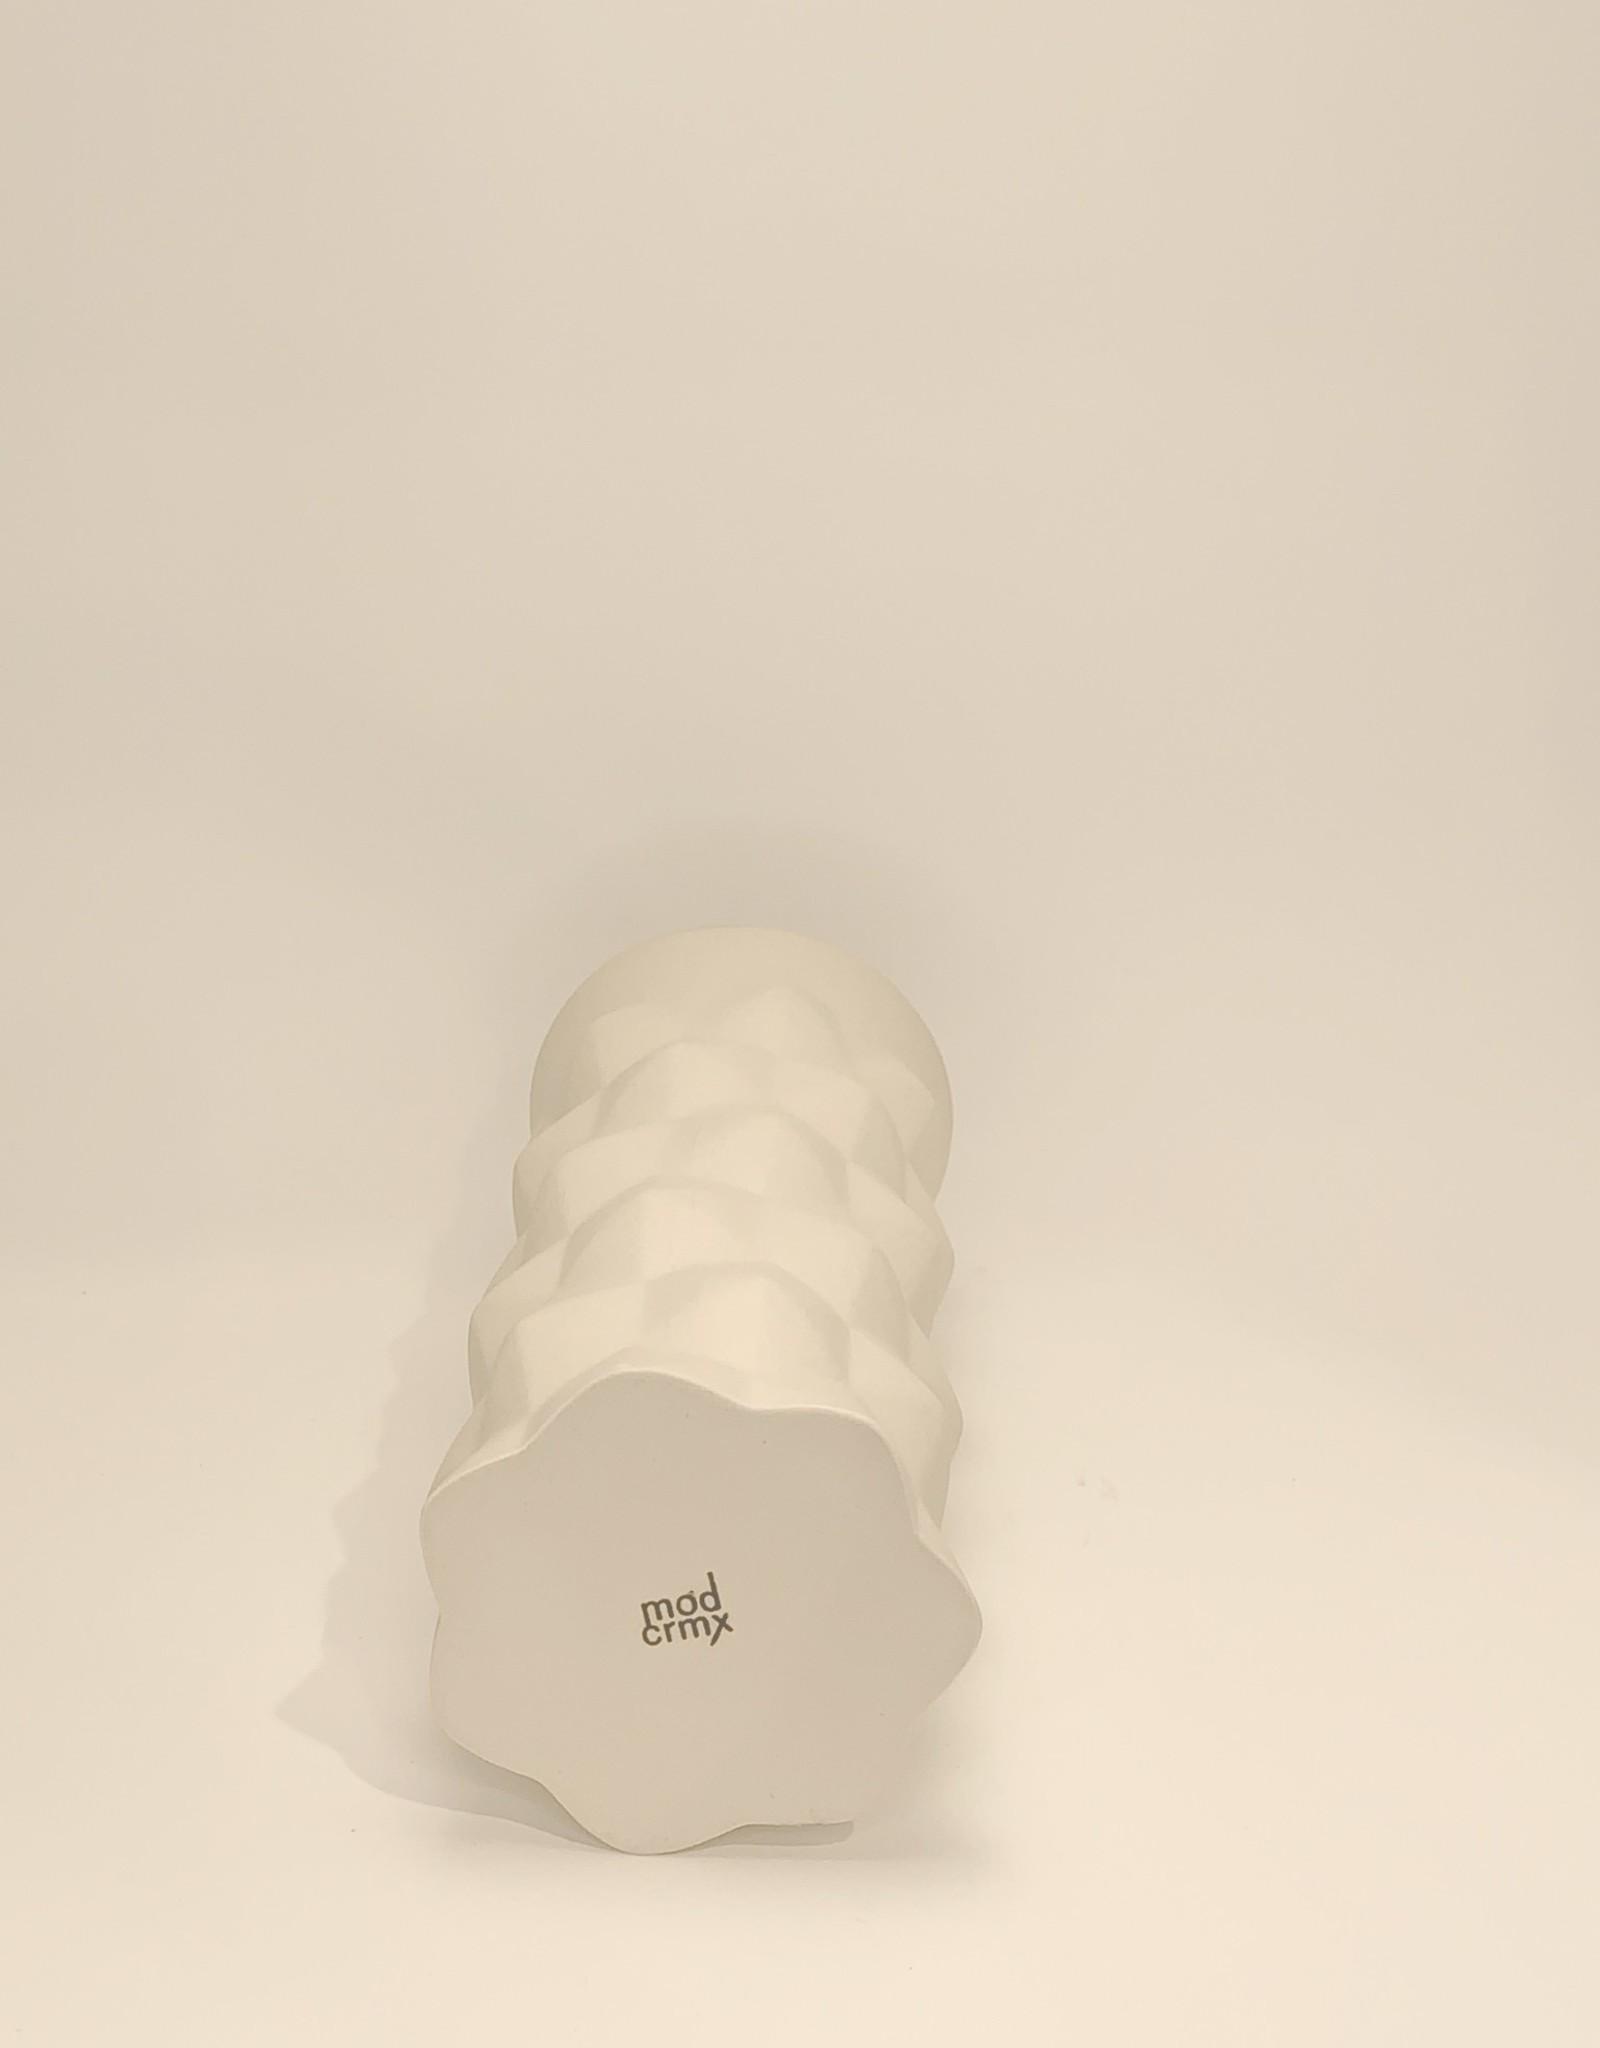 Liz Heller Black Porcelain Jewel Vase - Skinny with Round Top